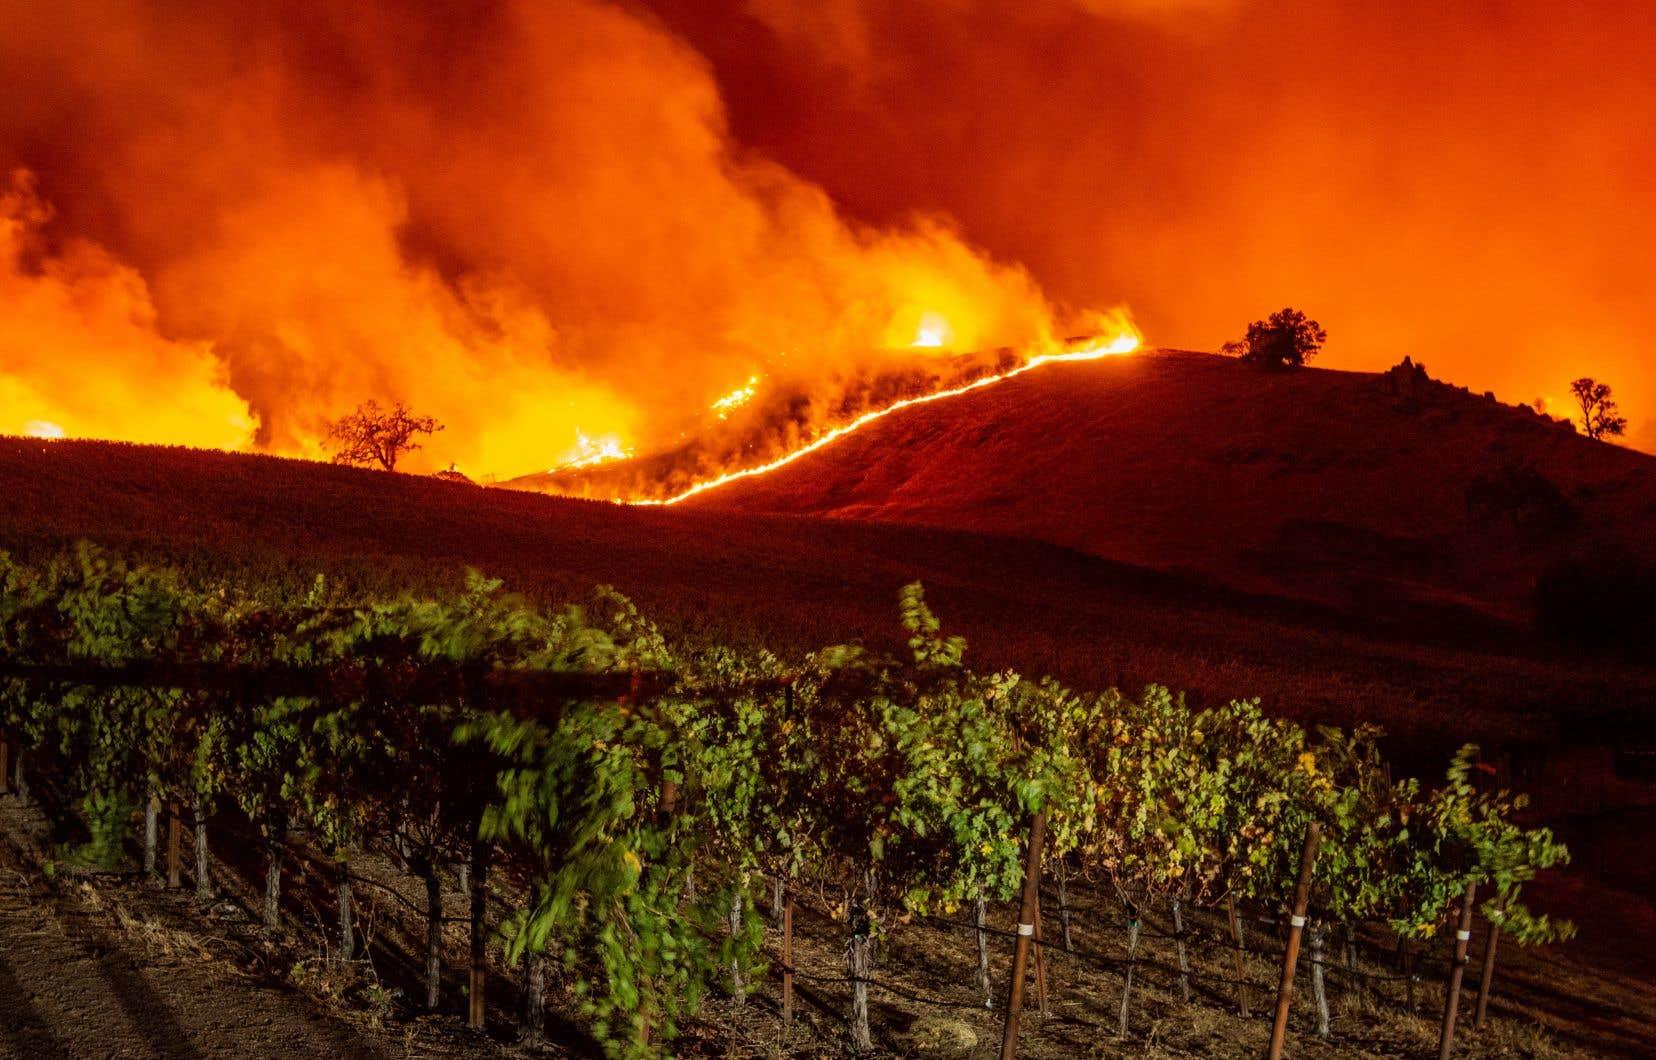 L'incendie <em>Kincade</em>, attisé par des bourrasques atteignant les 120 km/h, progresse rapidement.